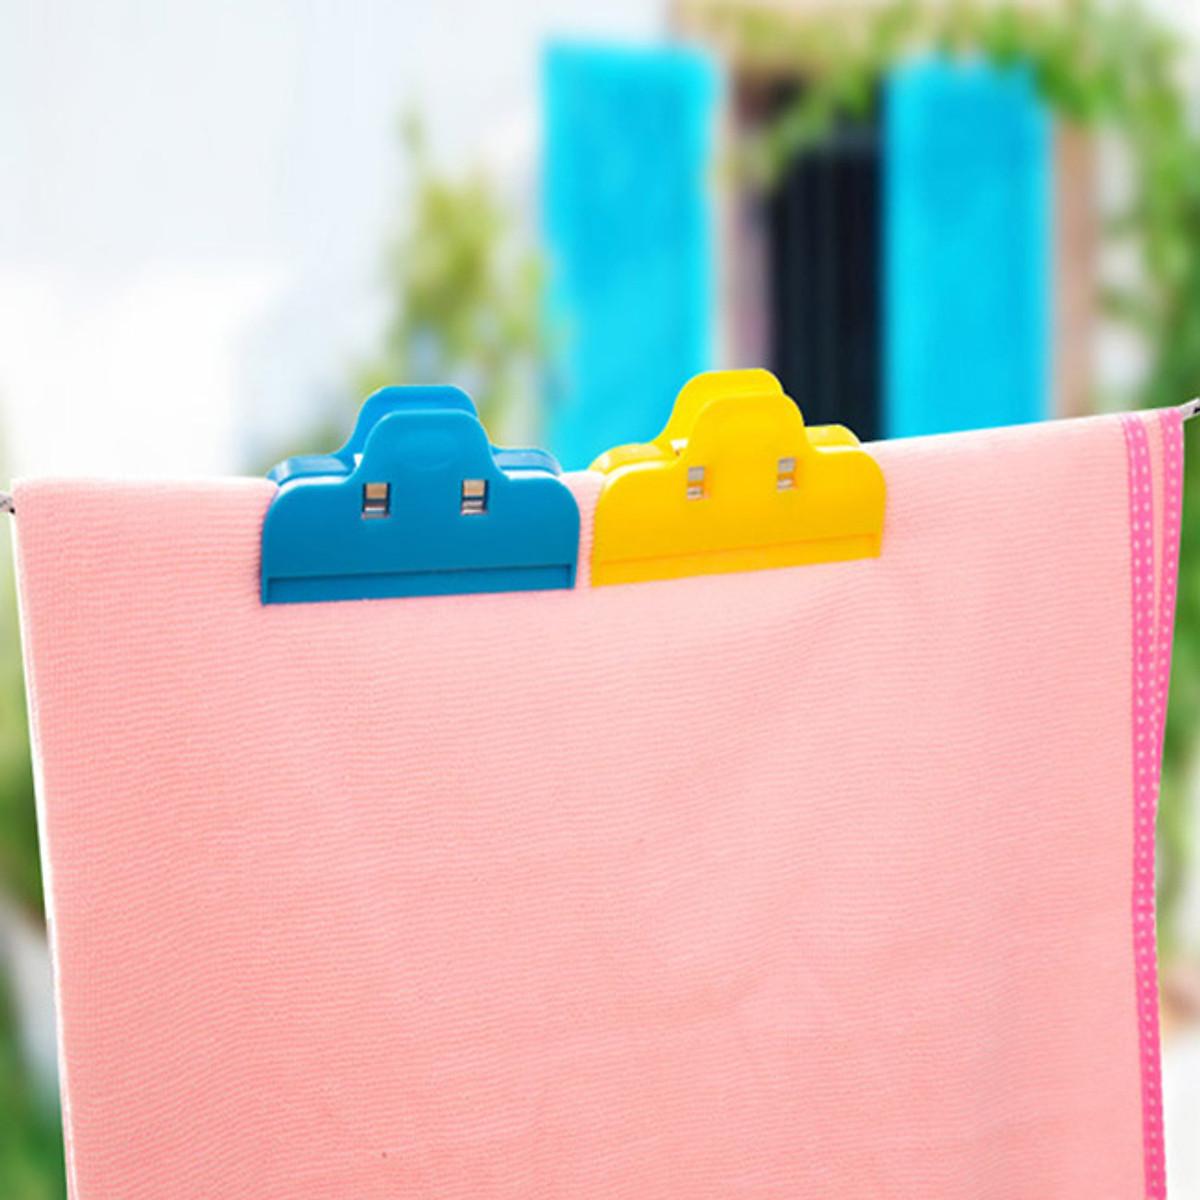 Combo 5 Kẹp miệng túi, kẹp đồ dùng - Màu ngẫu nhiên